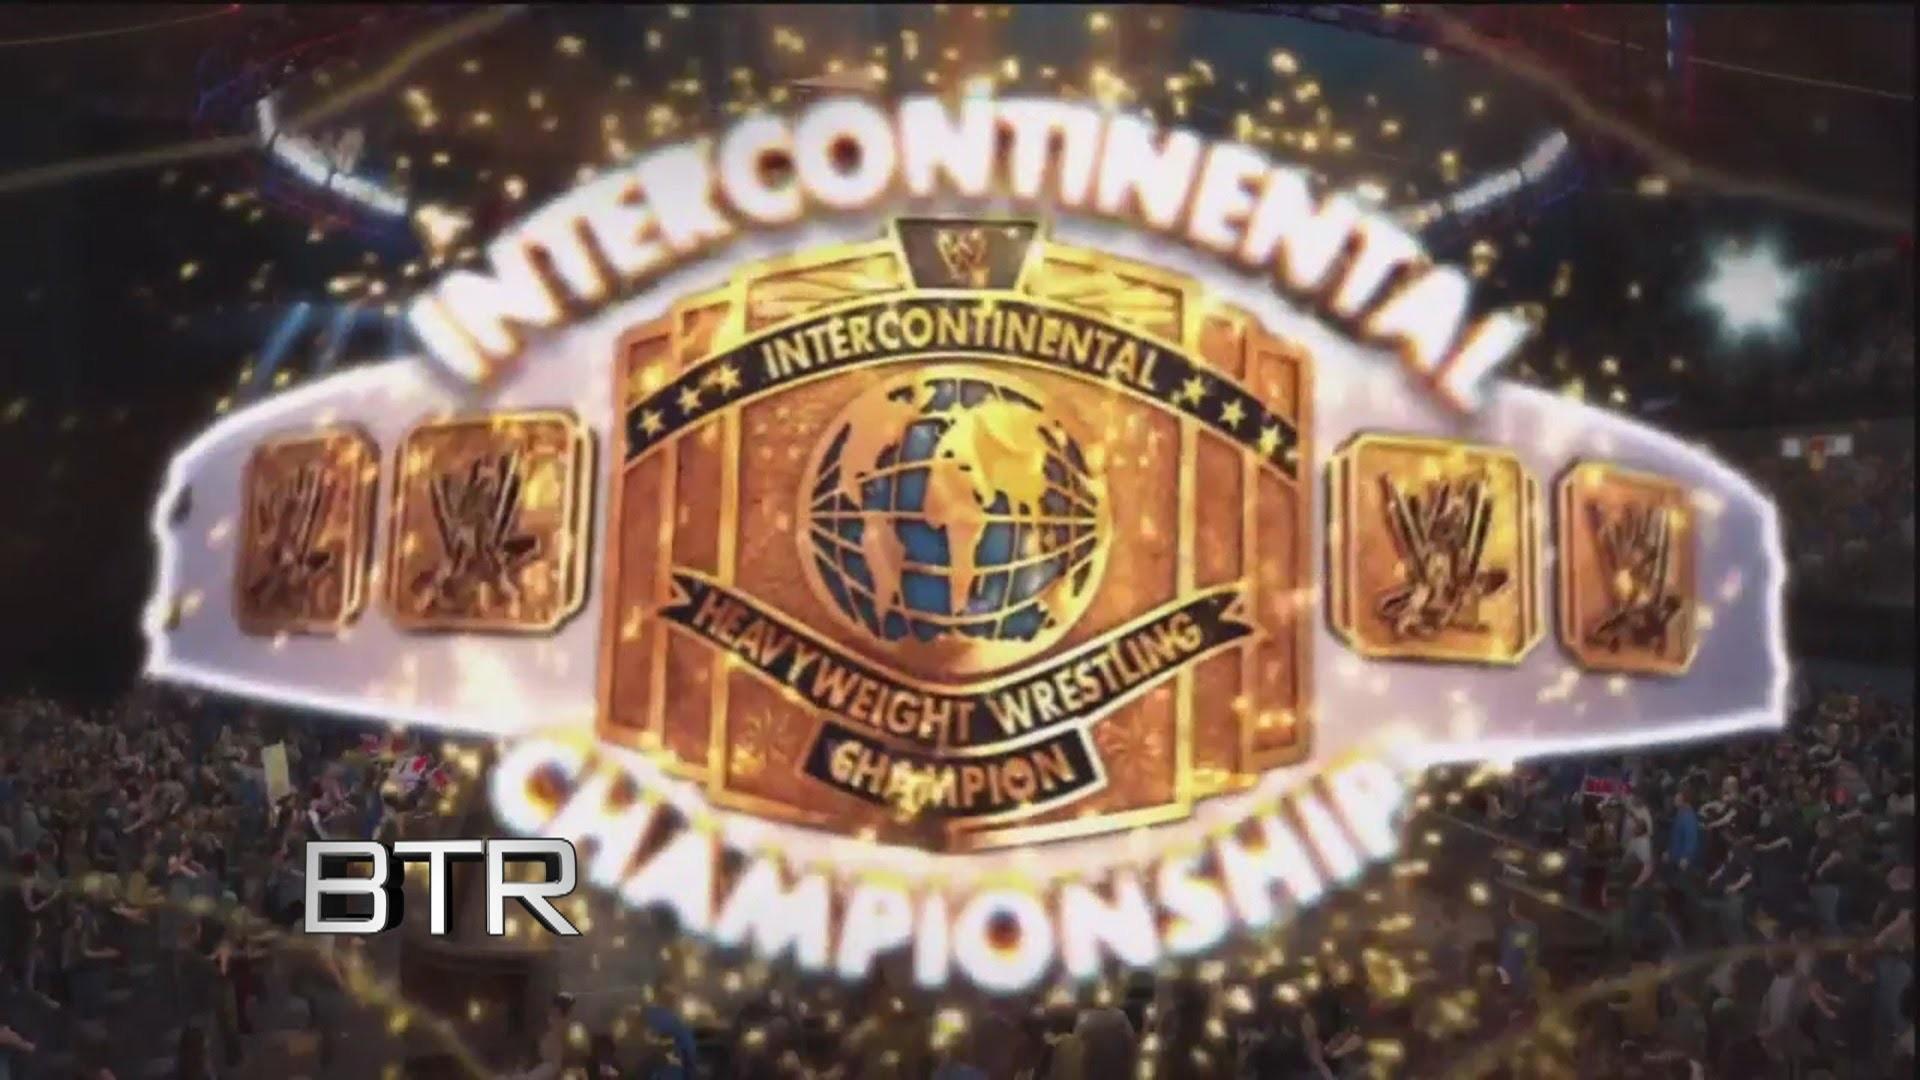 1920x1080 Image WWE Championship